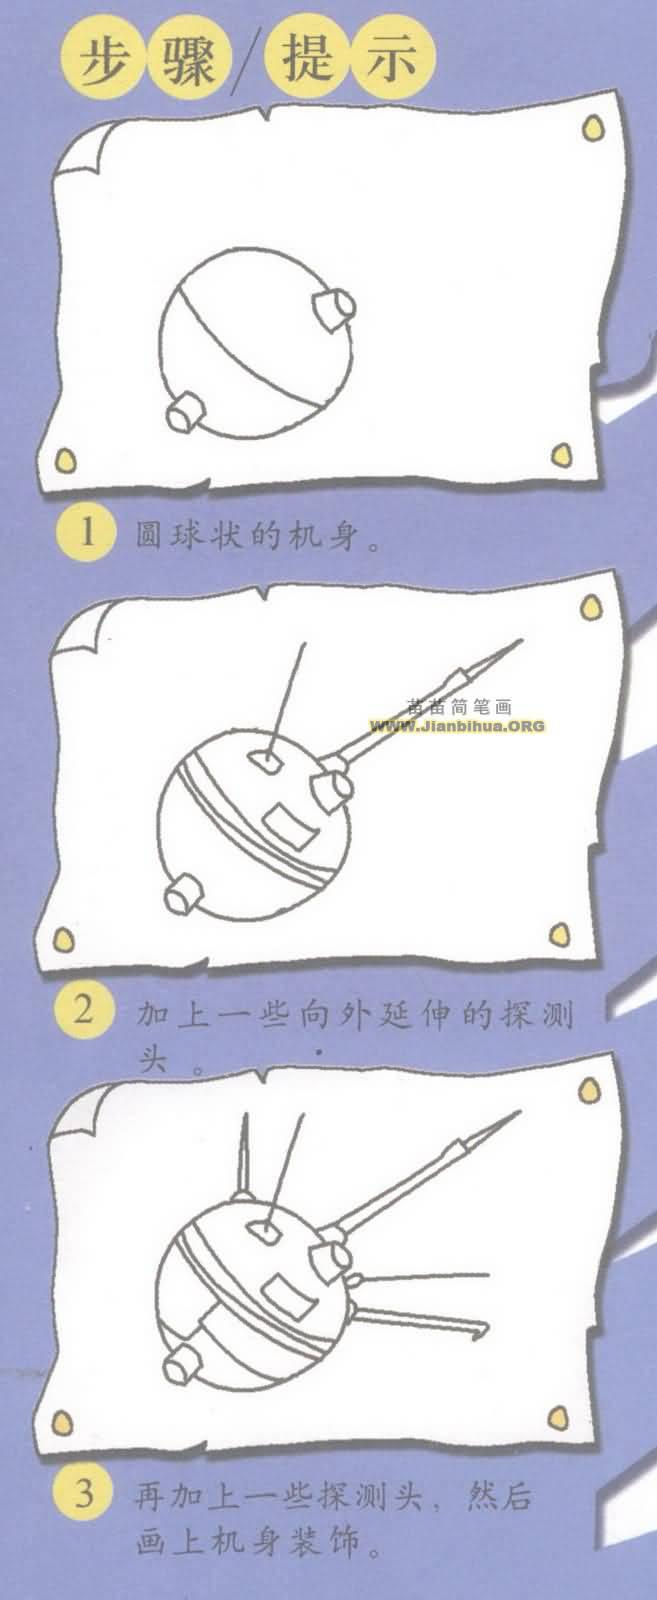 人造卫星简笔画